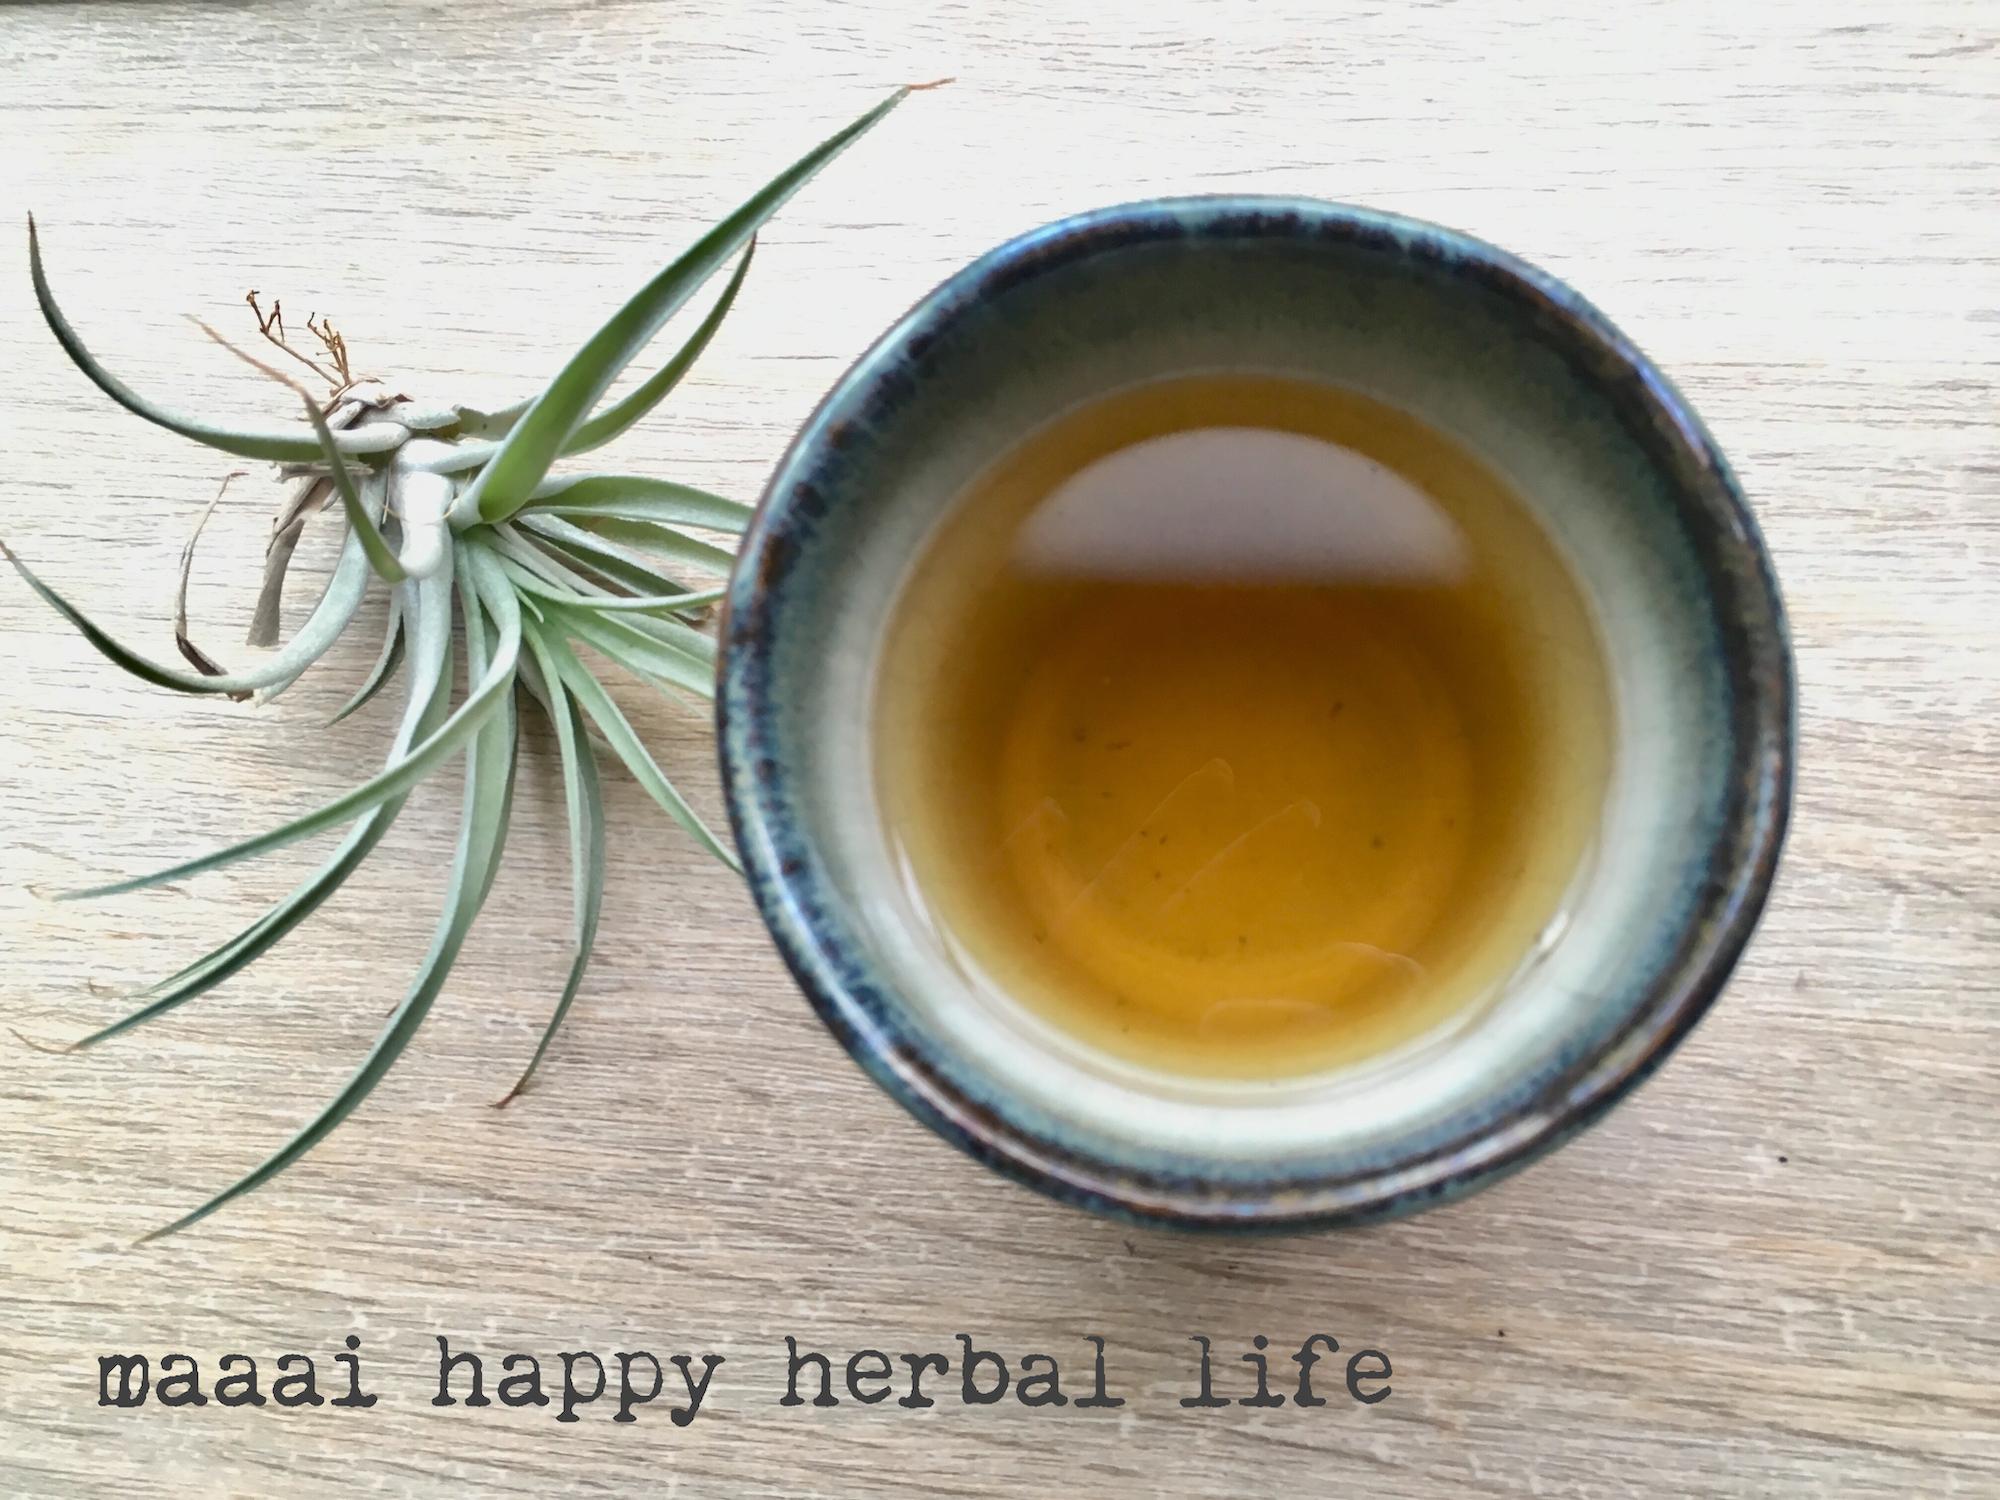 Drinking herbal tea*